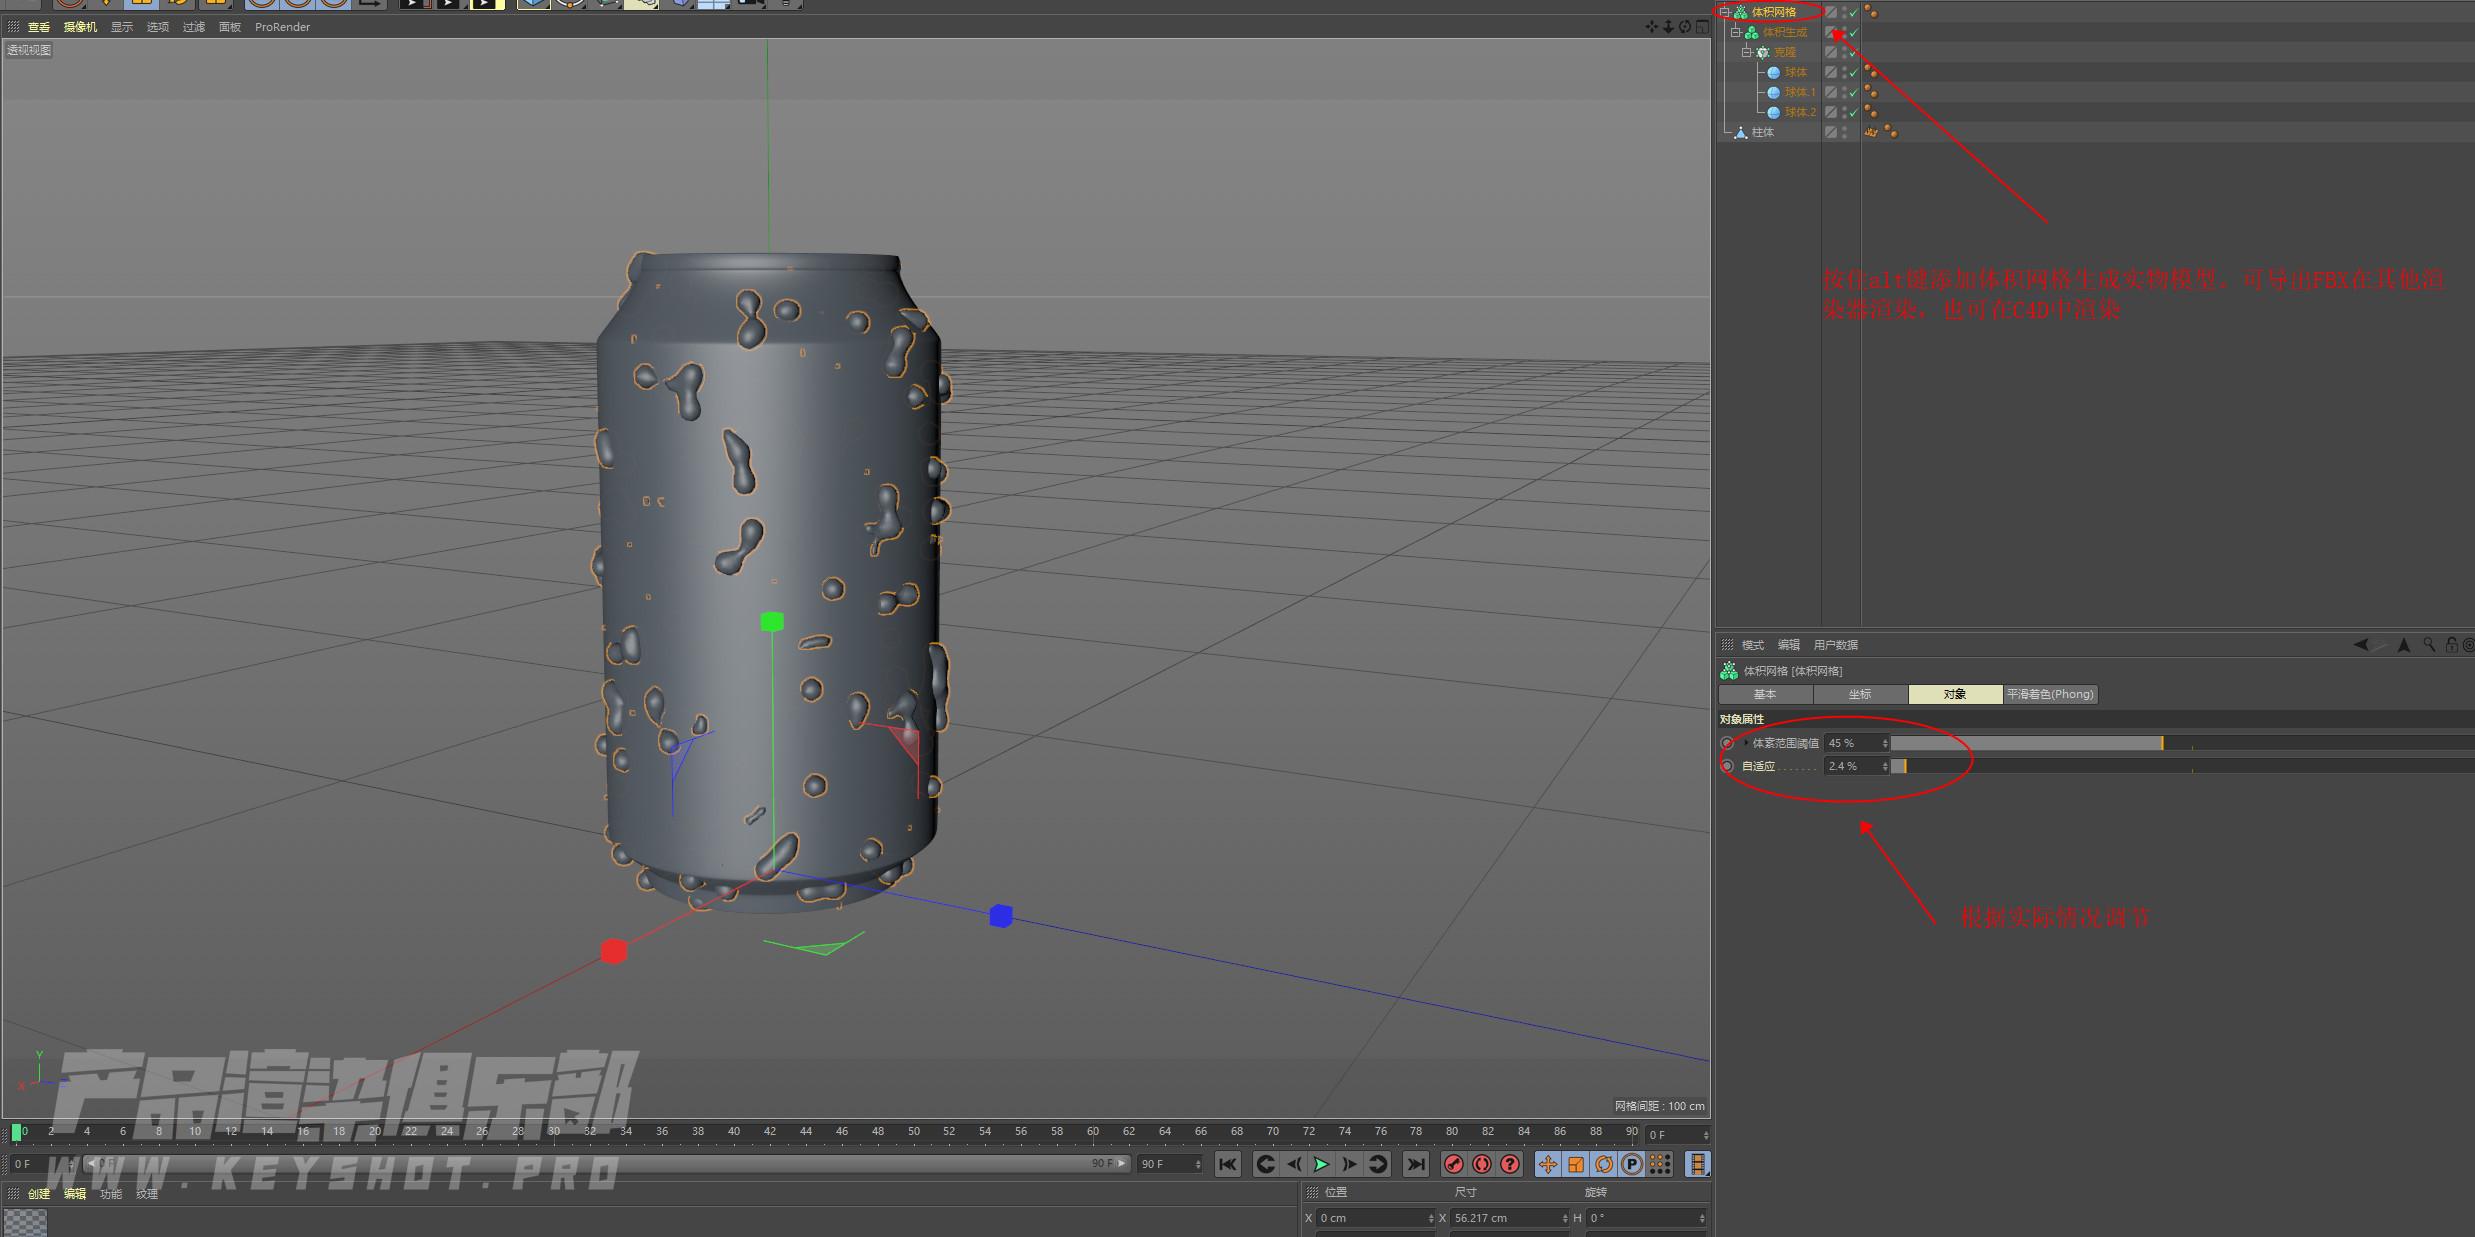 C4D水珠模型创建小教程及keyshot渲染材质贴图分享